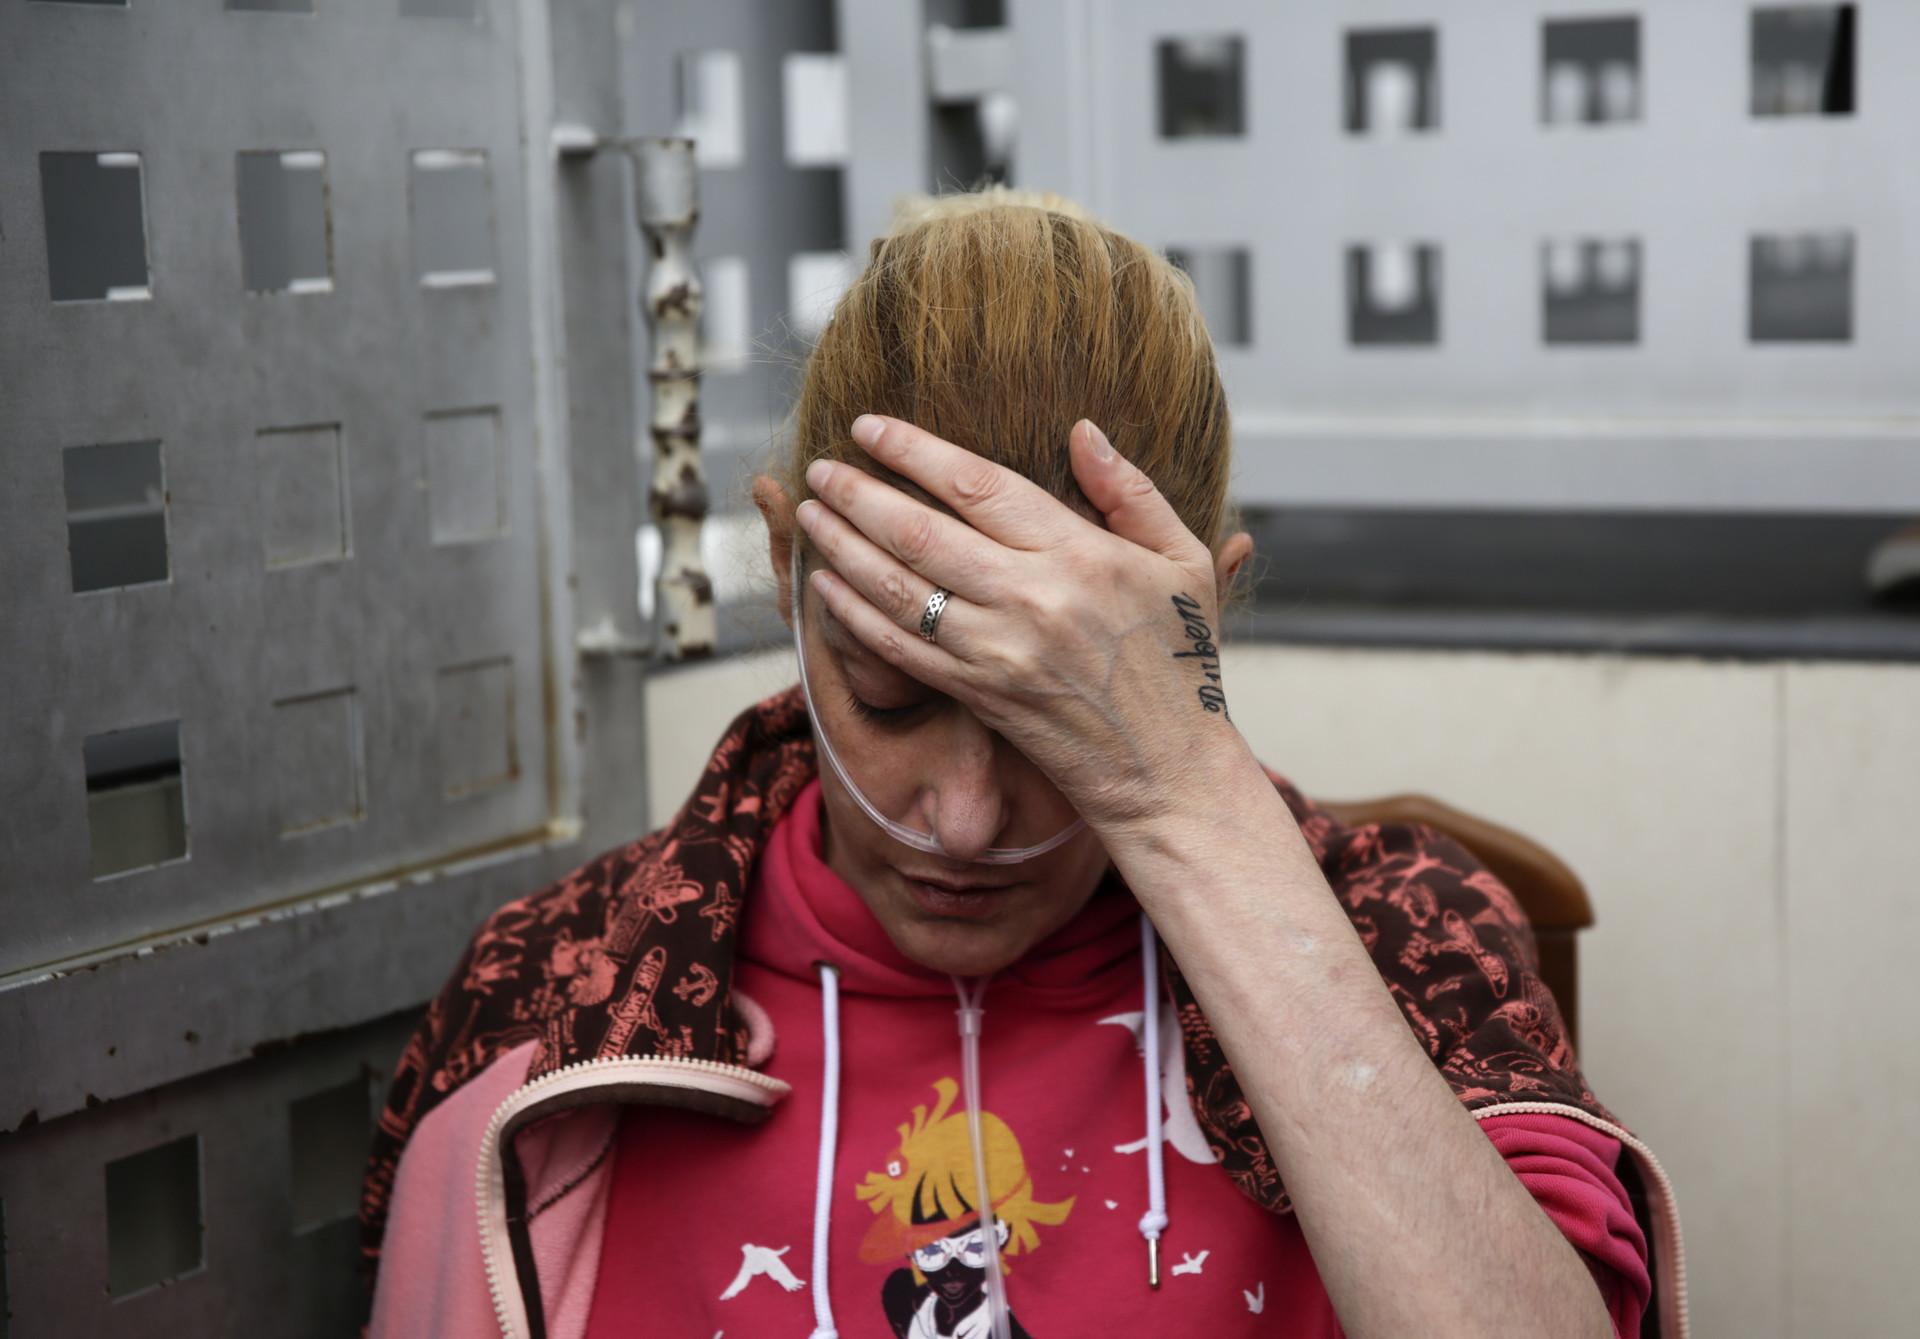 Raquel Mejías Mesado, de 39 años, espera noticias antes de enterarse que su expulsión fue suspendida, Madrid, el 2 de octubre de 2014.